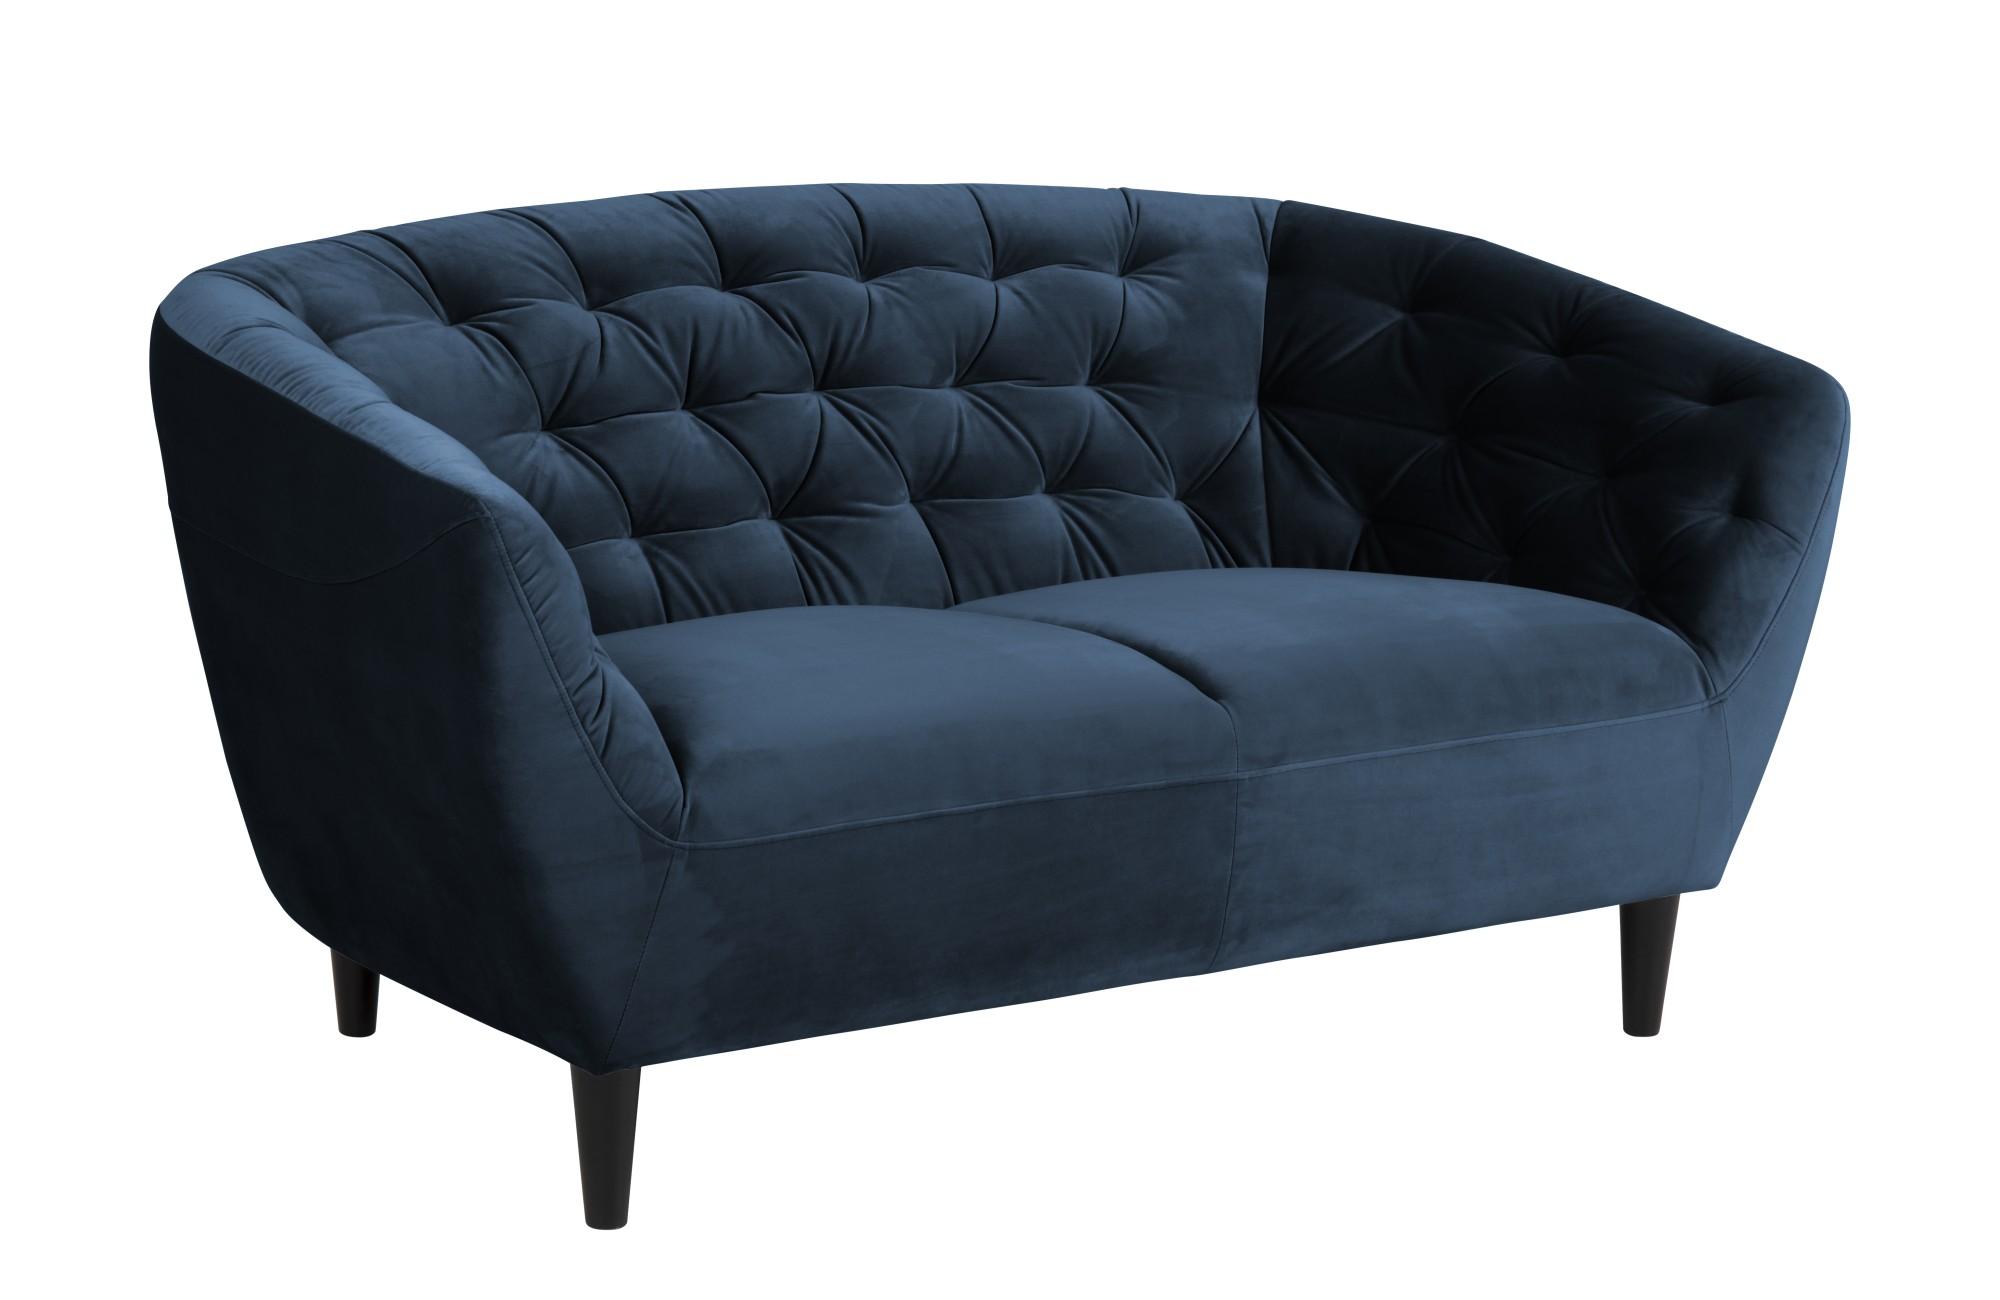 Full Size of Sofa Rita 2 Personen Blau Gummibaum Schwarz Couch Wohnzimmer Esszimmer Garnitur Teilig Dauerschläfer Koinor Kolonialstil Vitra Mit Schlaffunktion Federkern Sofa Sofa Polster